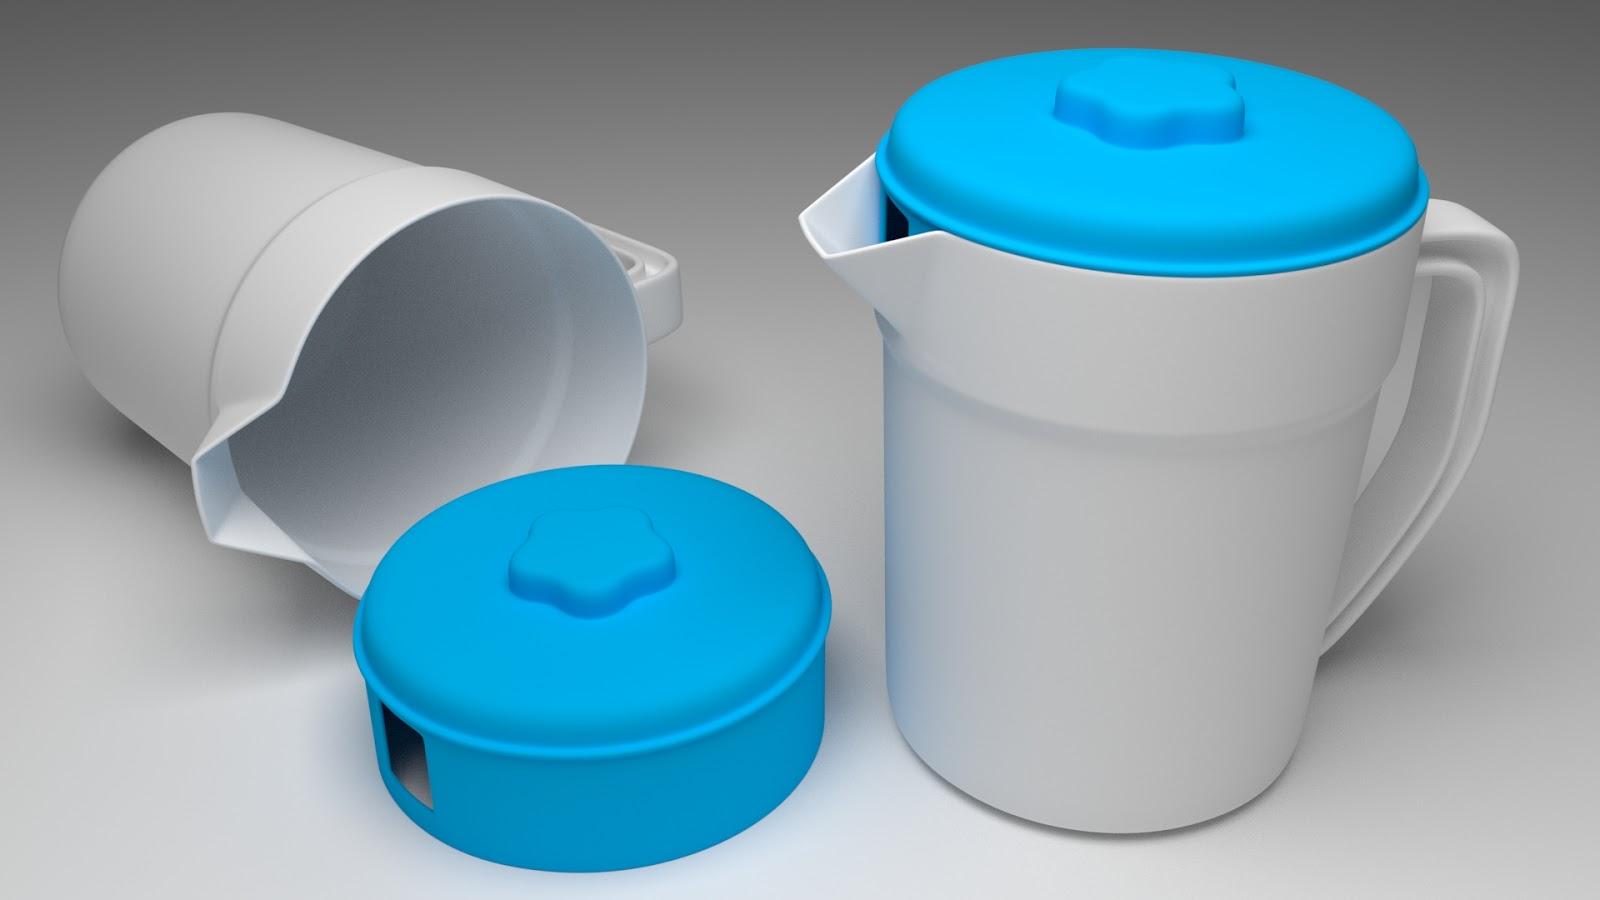 Free 3D Plastic Teapot .blend file